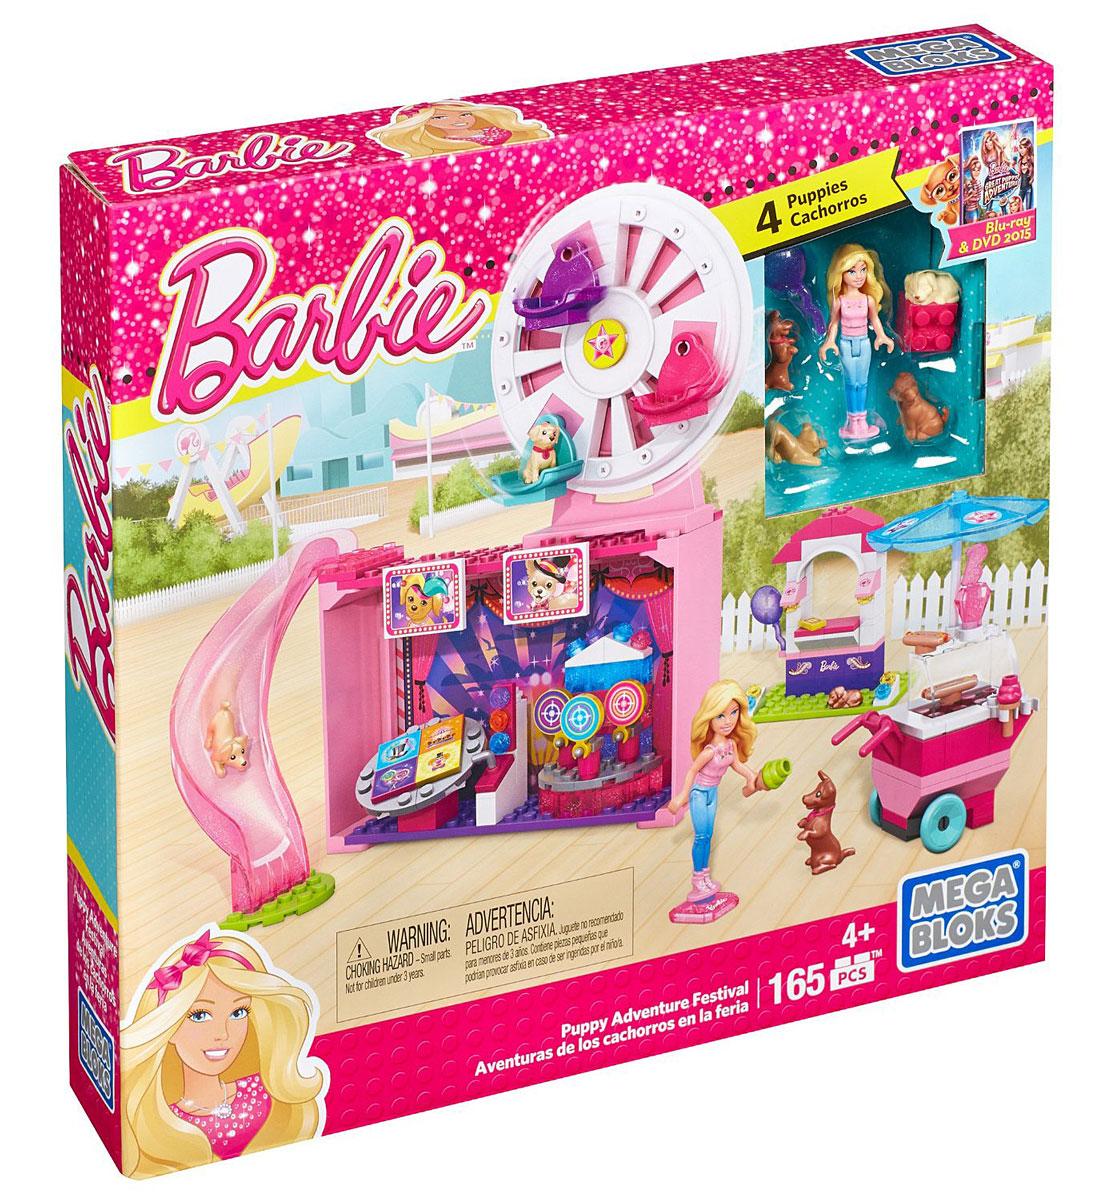 Mega Bloks Barbie Конструктор Праздник БарбиCNF98Как многому уже научились любимица Барби и ее юная хозяйка. Теперь есть возможность повеселиться как следует! Барби устраивает праздник и гуляет в парке аттракционов. В наборе есть все что нужно, для активного праздника! Малыш может играть самой фигуркой куколки и четырьмя ее щенками. Фигурки могут кататься на колесе обозрения, стрелять в тире, или скатываться с горки. Новые фигурки Барби в конструкторах Mega Bloks умеют не только стоять, но еще и сидеть и двигать руками. В комплект набора входят 165 пластиковых элементов, включая фигурки Барби, ее щеночков и дополнительные аксессуары. В набор также входит схематичная инструкция по сборке. Ваш ребенок часами будет играть с набором, придумывая различные истории.